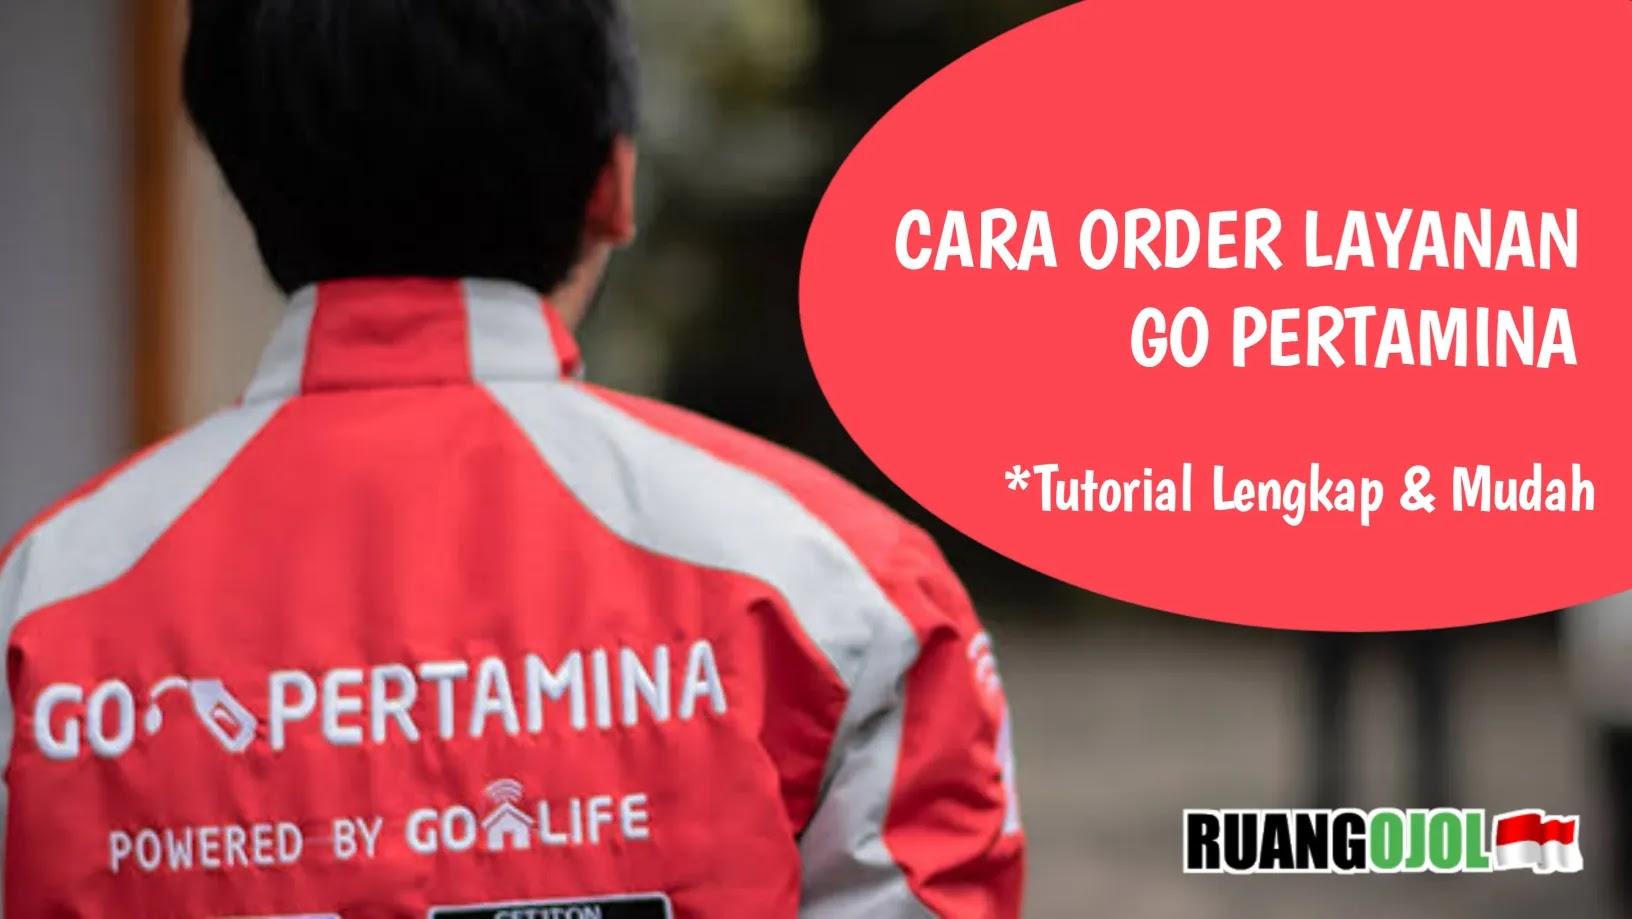 Mengenal Go Pertamina | Cara Order, Syarat dan Ketentuan!